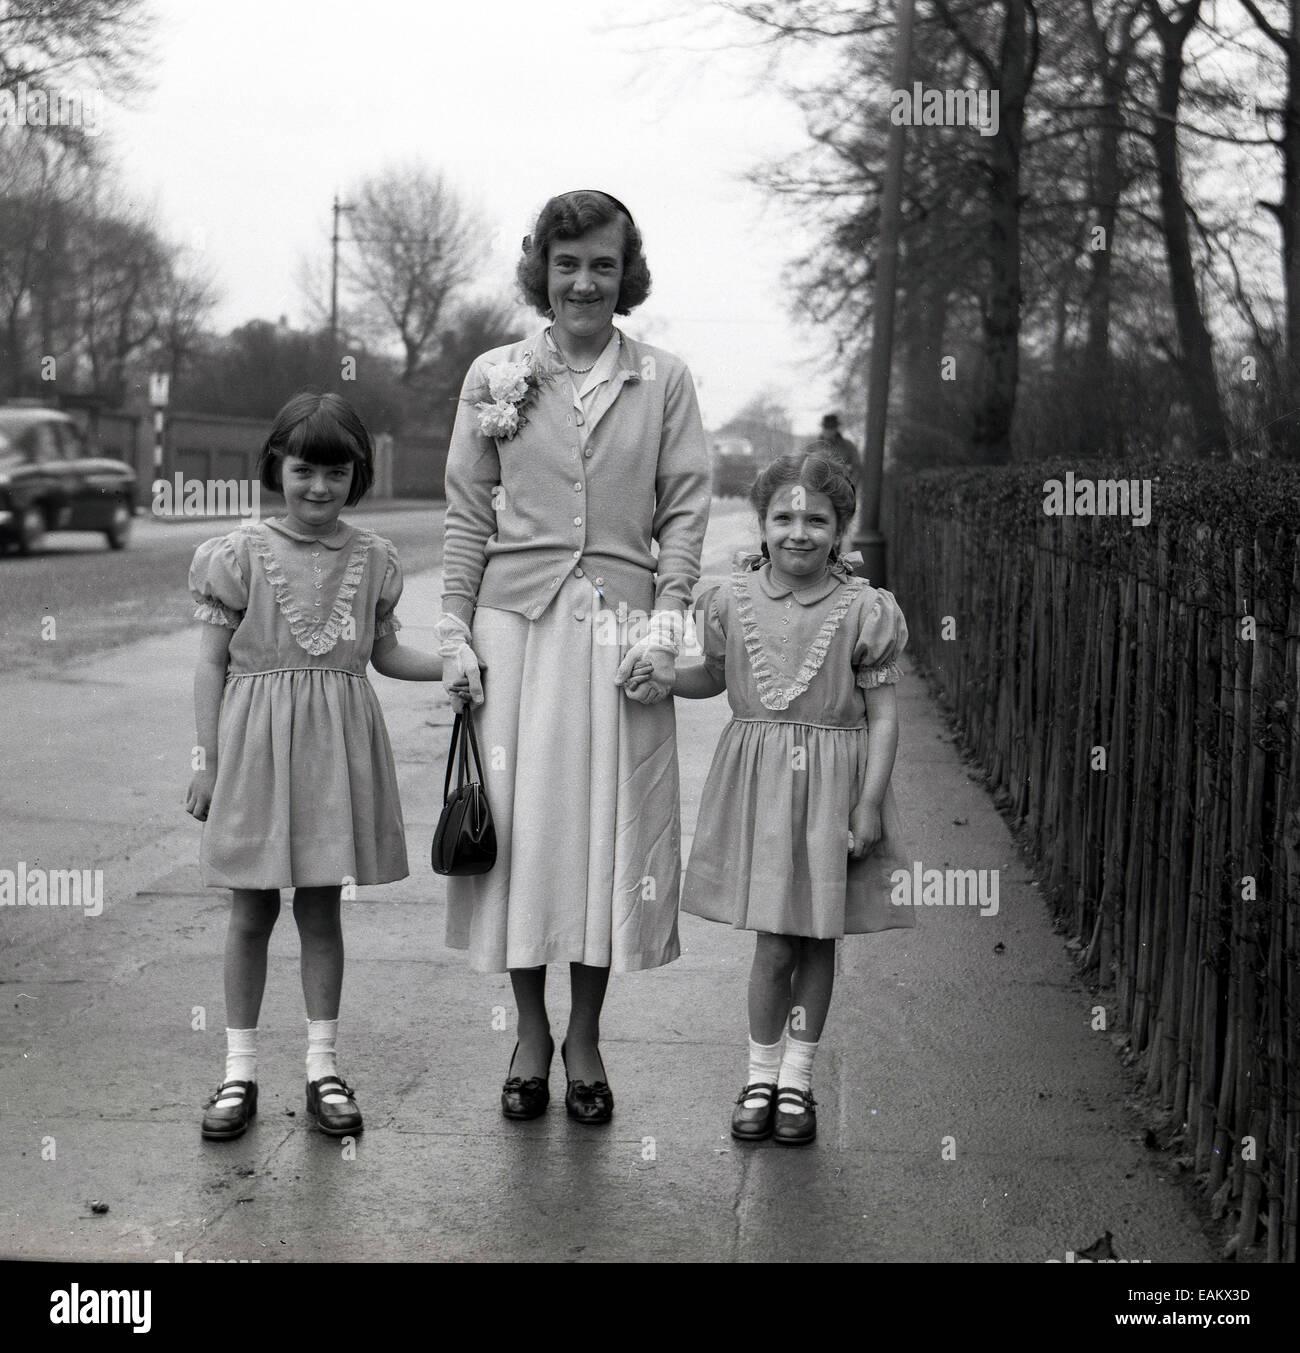 1950er Jahre historische Bild einer Mutter stehend auf einem Bürgersteig mit ihren zwei kleinen Kindern, kleine Stockbild